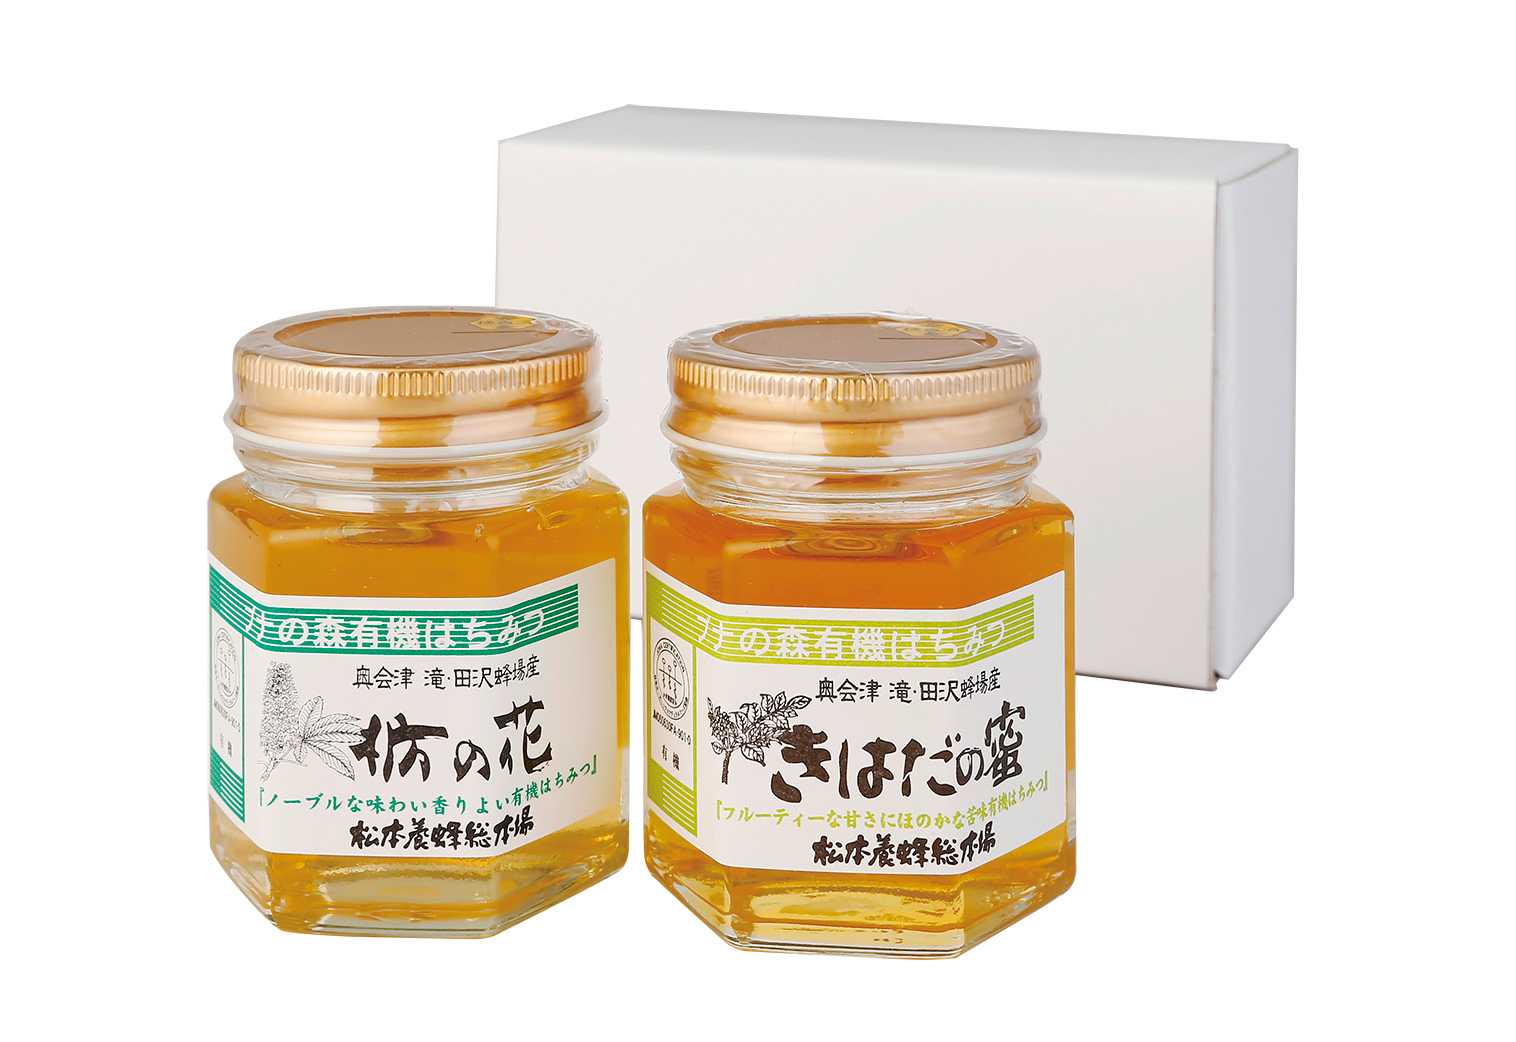 有機はちみつ 「栃の花・きはだ蜜セット」 ×3名様